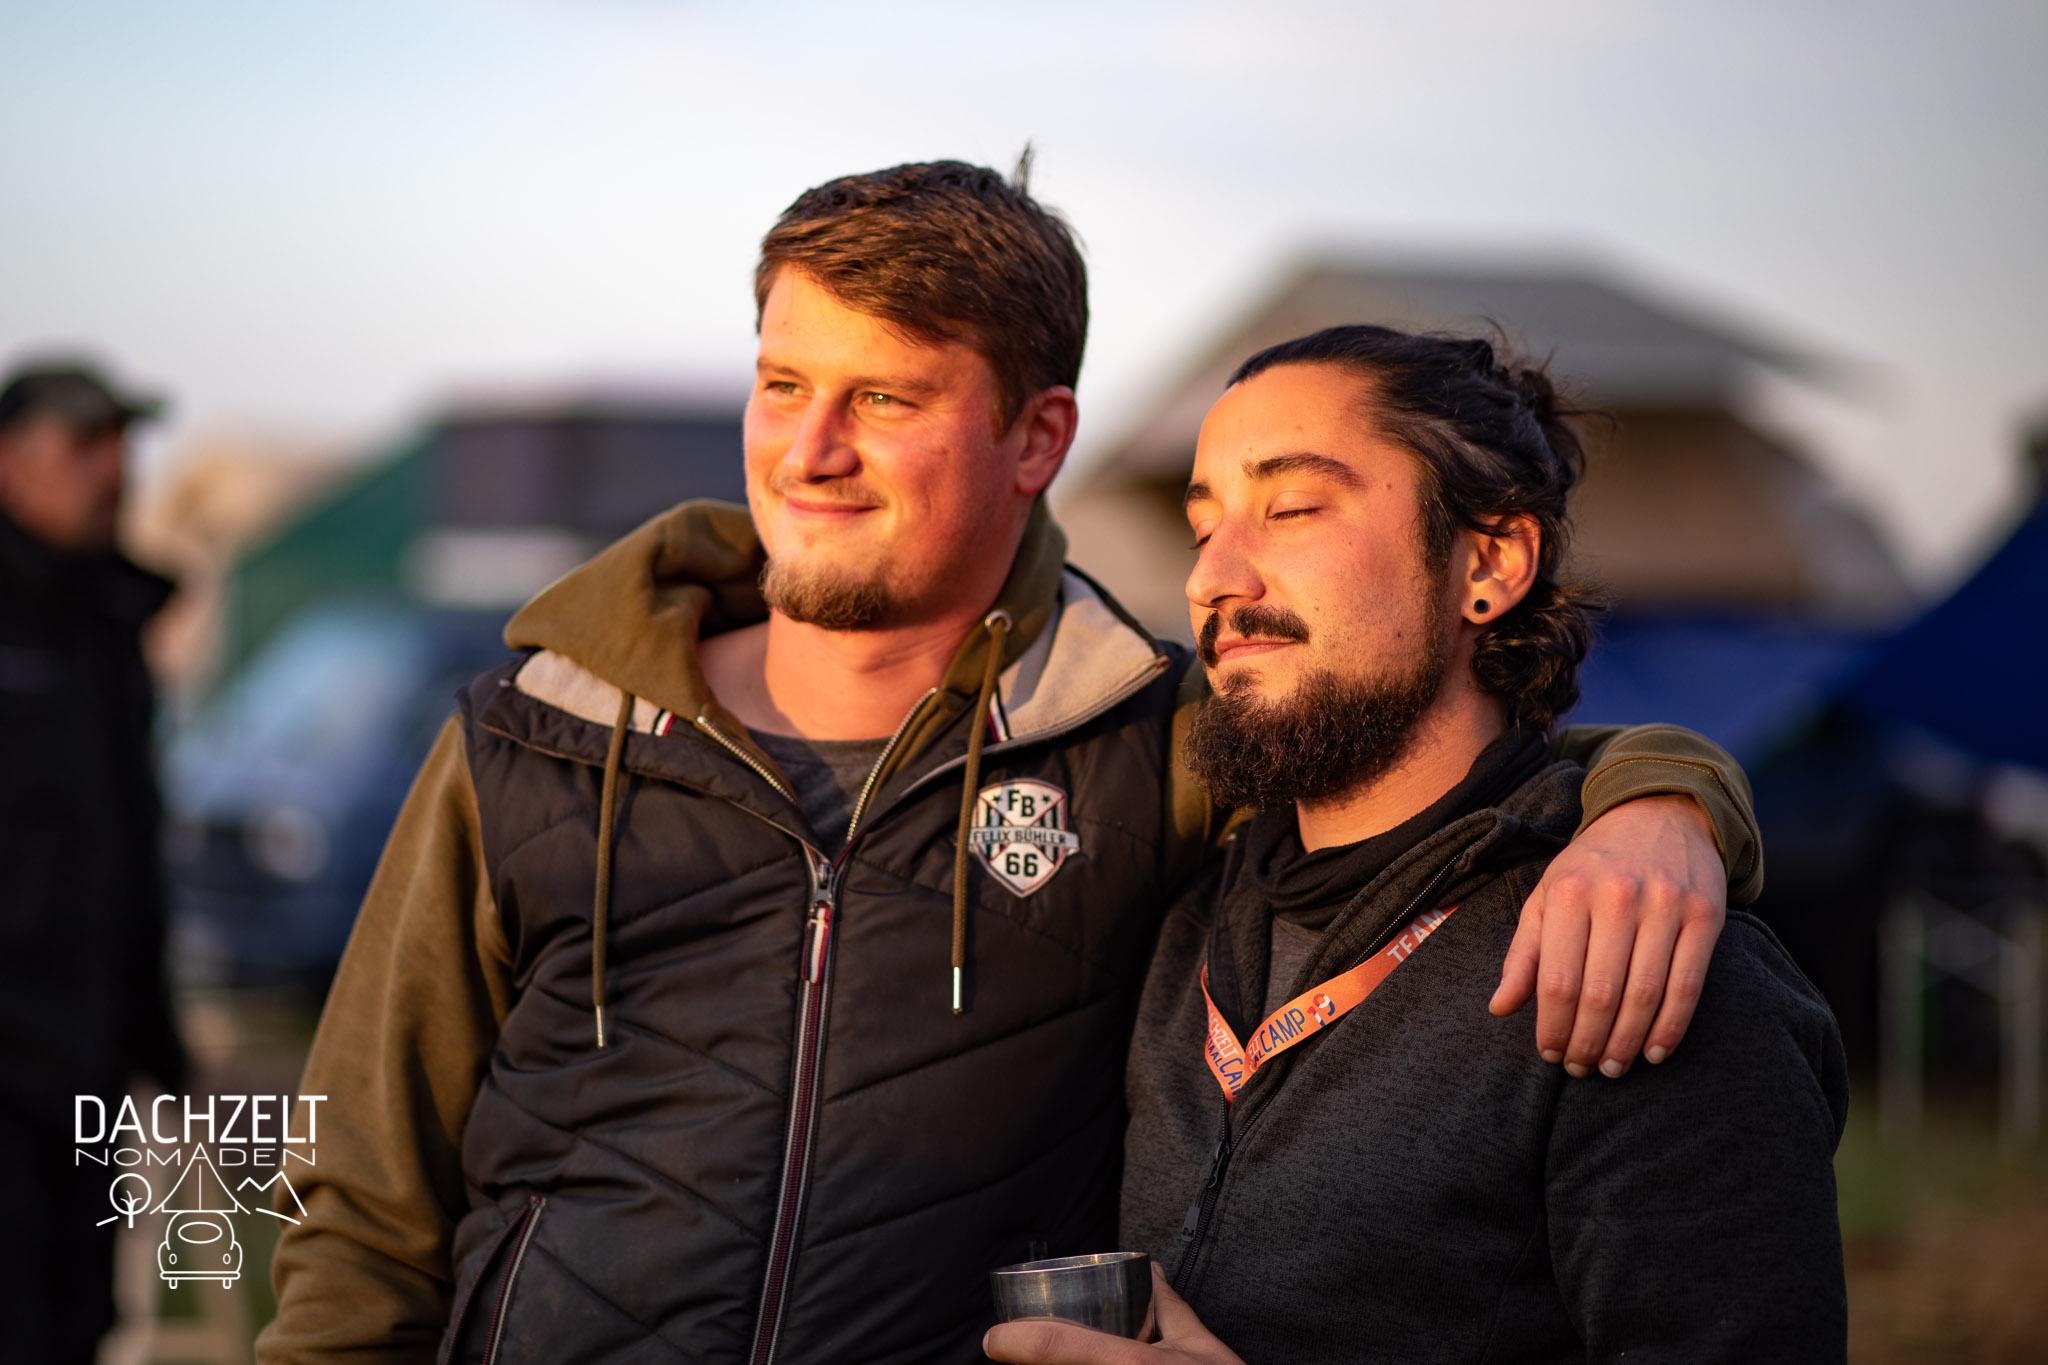 20191019-Dachzelt-Camp-Speciaal-Dennis-Brandt- DB 2869